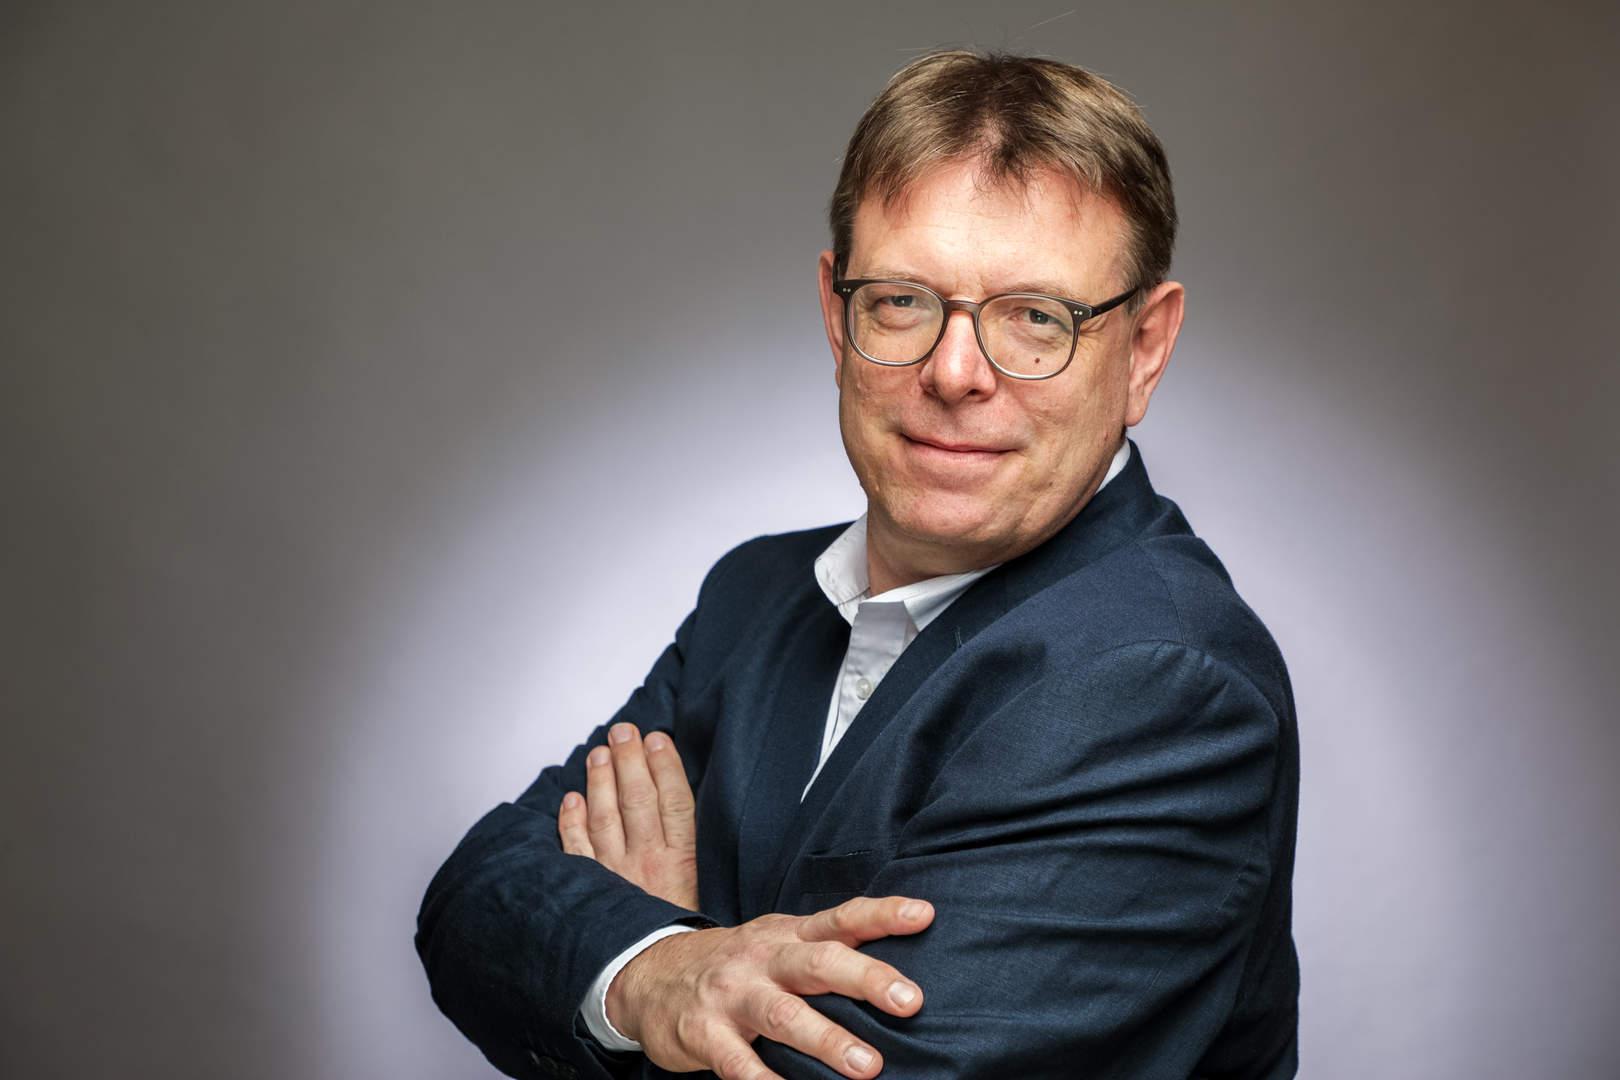 Frank Baumgarte